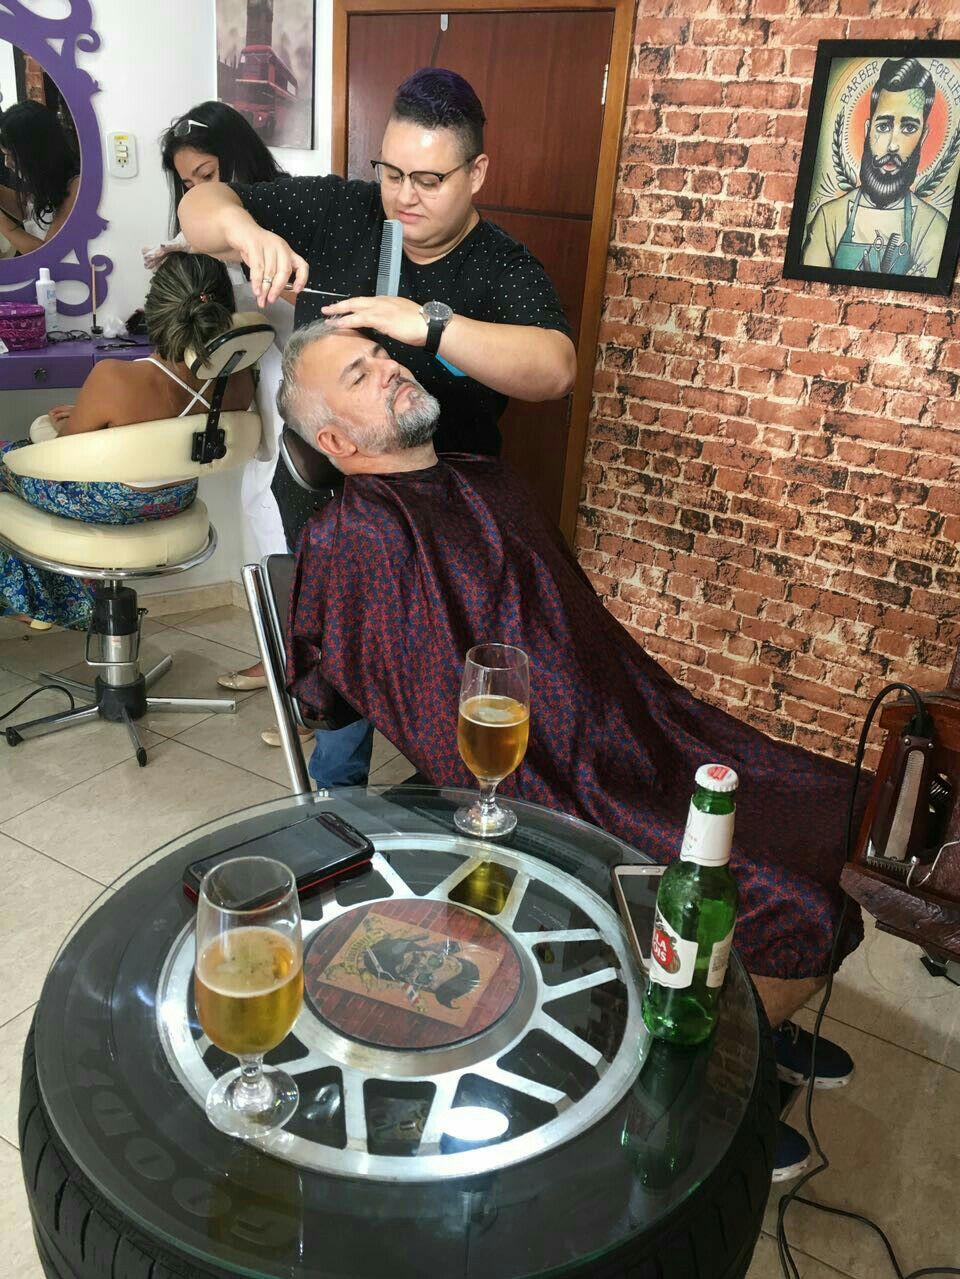 Corte social, deixando o cliente mais confortável o possível. cabelo barbeiro(a)